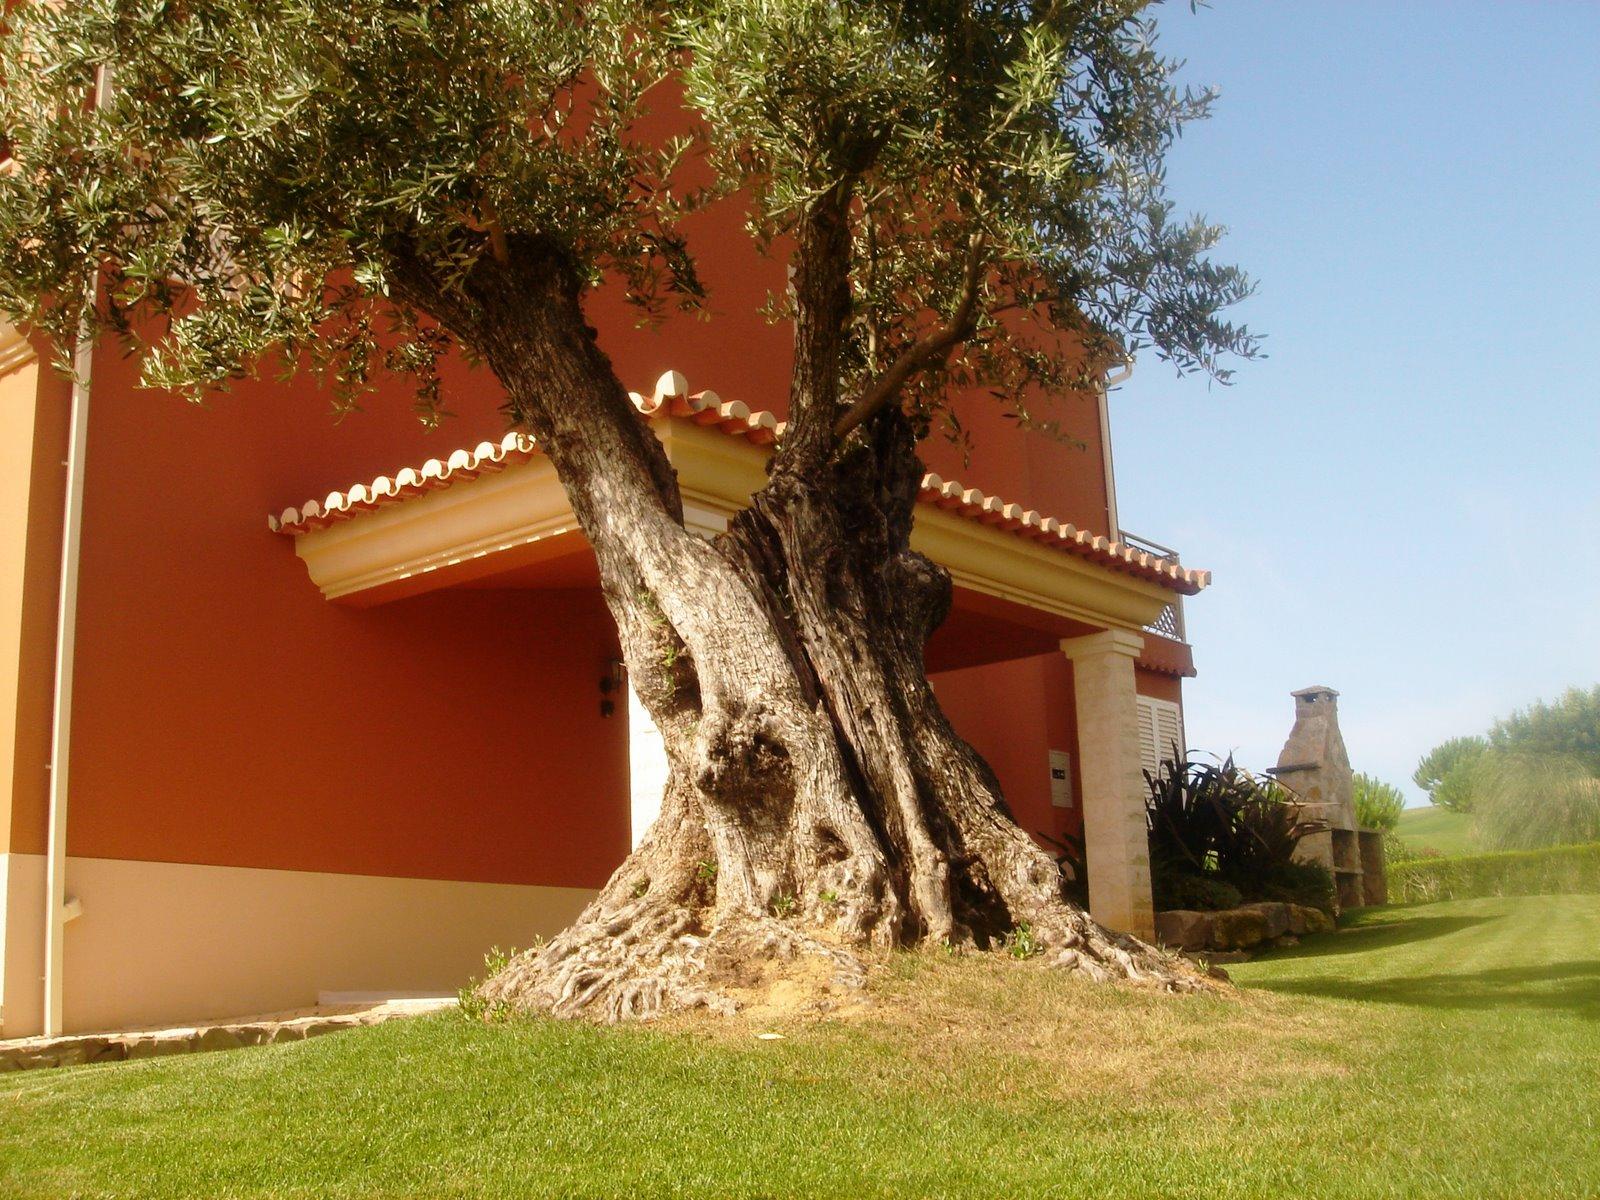 A Oliveira é Uma árvore Perene, Frutífera E Ornamental, Originária Da  Região Do Mediterrâneo. Dela Obtemos As Azeitonas E O Precioso Azeite, ...